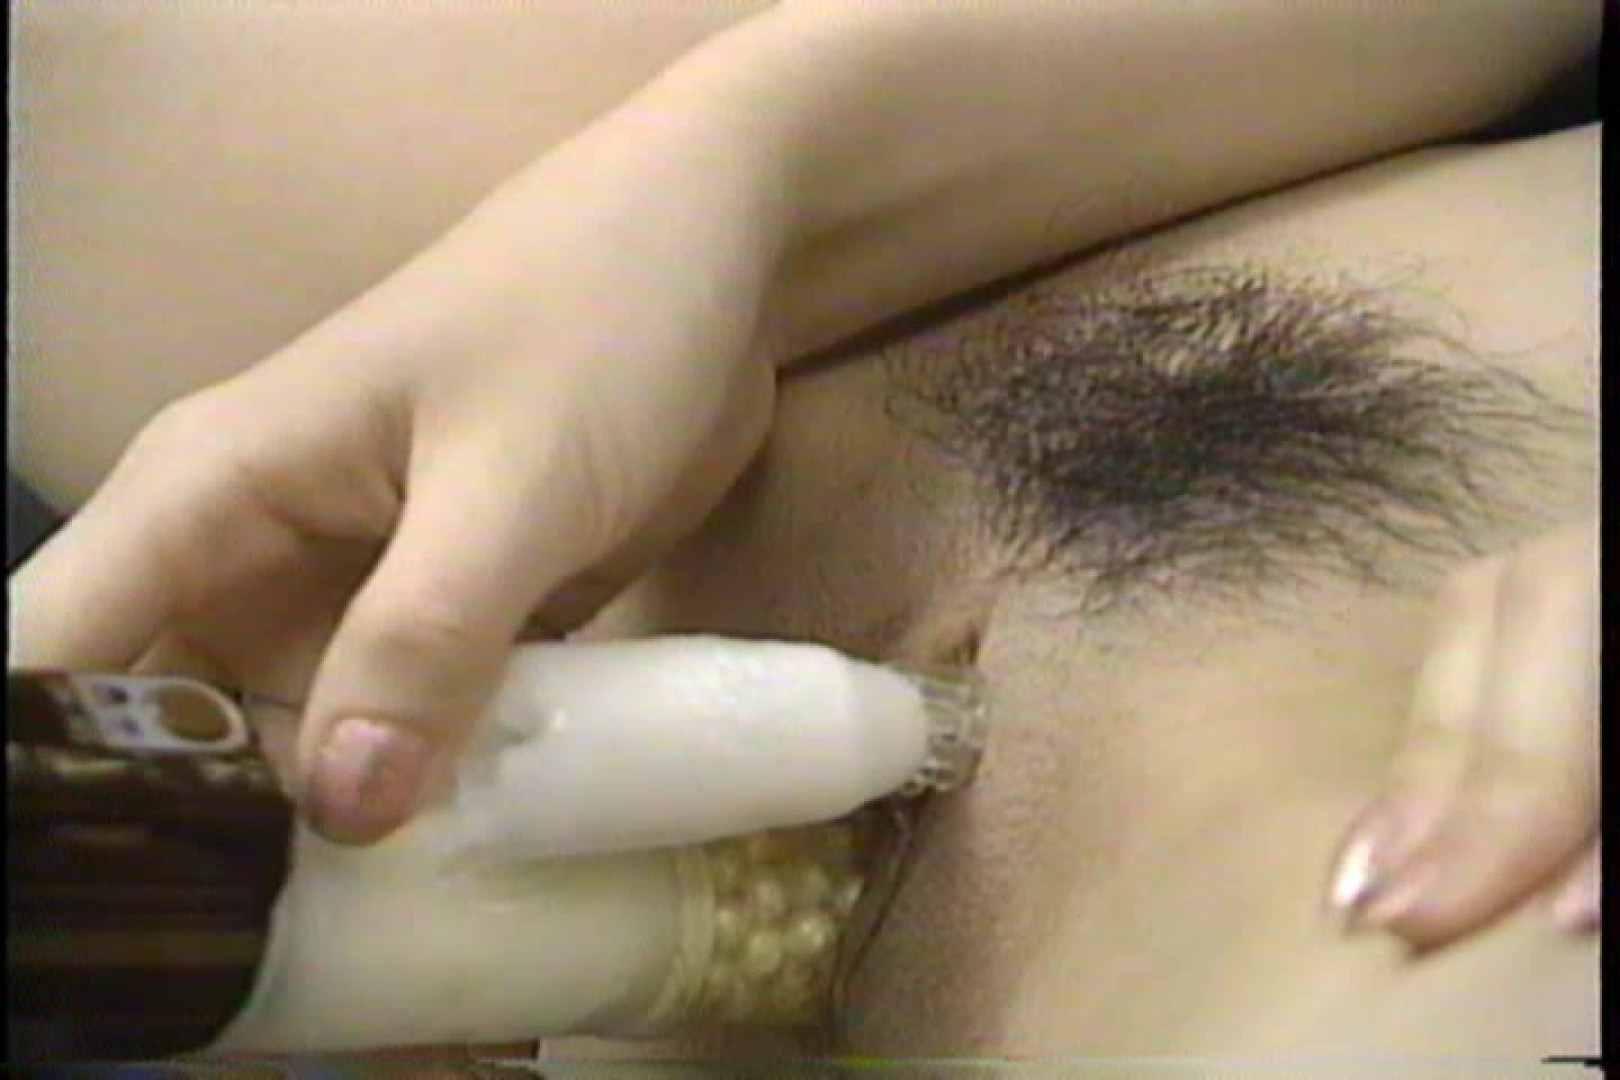 かわいい人妻、巨乳が疼いて止まらない~飯島れいか~ オナニー映像 おまんこ動画流出 93枚 52